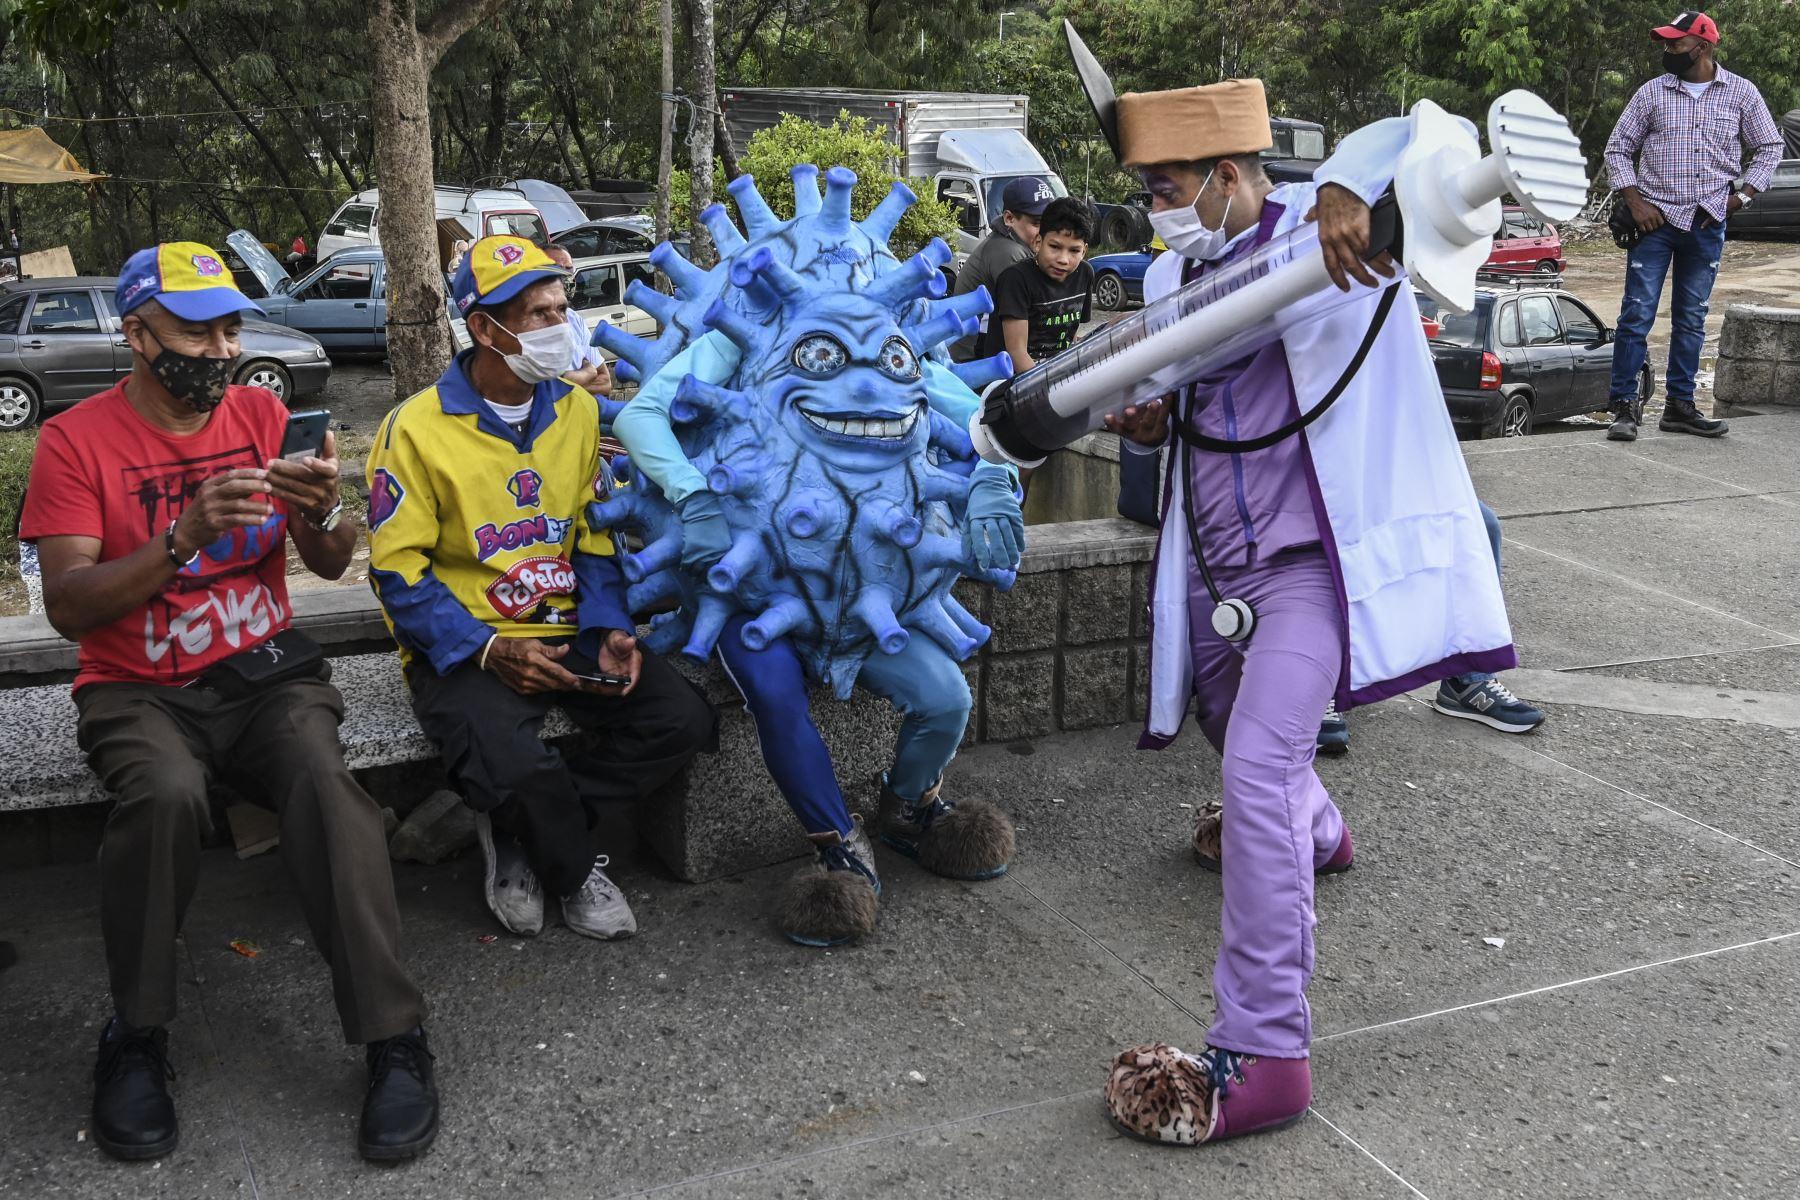 Artistas actúan durante una campaña para promover la vacunación contra COVID-19 en medio de la pandemia del nuevo coronavirus, en Medellín, Colombia. Desde el comienzo de la epidemia más de 111.331.990 personas contrajeron la enfermedad. De ellas al menos 68.323.000 se recuperaron, según las autoridades. Foto: AFP